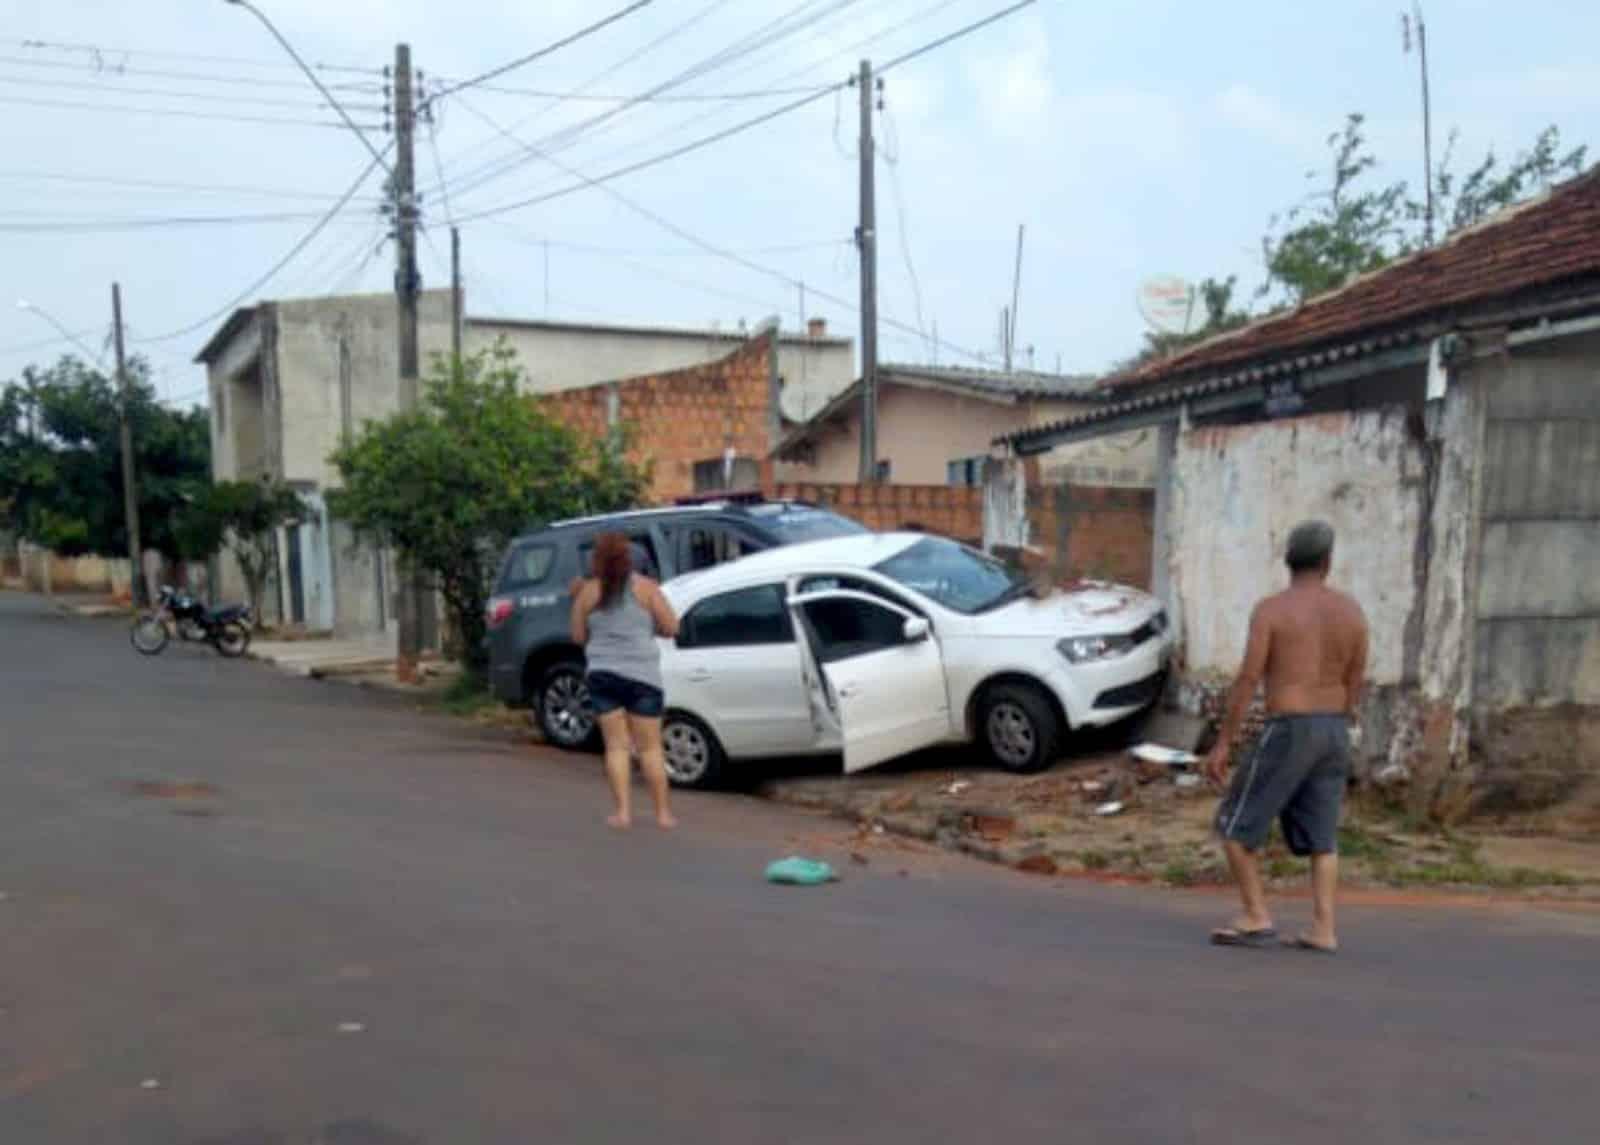 Carro e viatura da PM batem durante perseguição em Assis — Foto: The Brothers/Divulgação